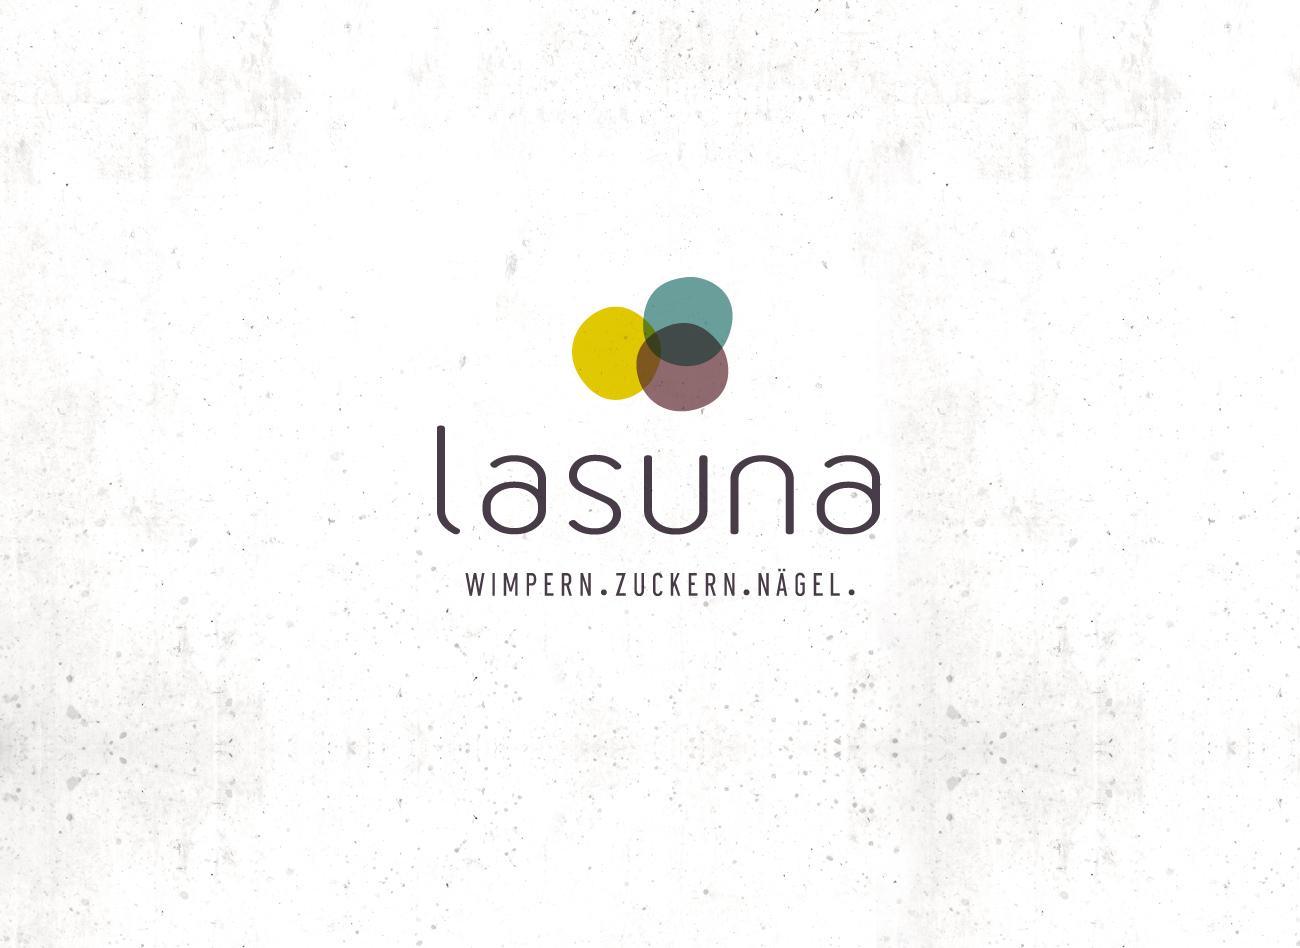 Logogestaltung / Lasuna